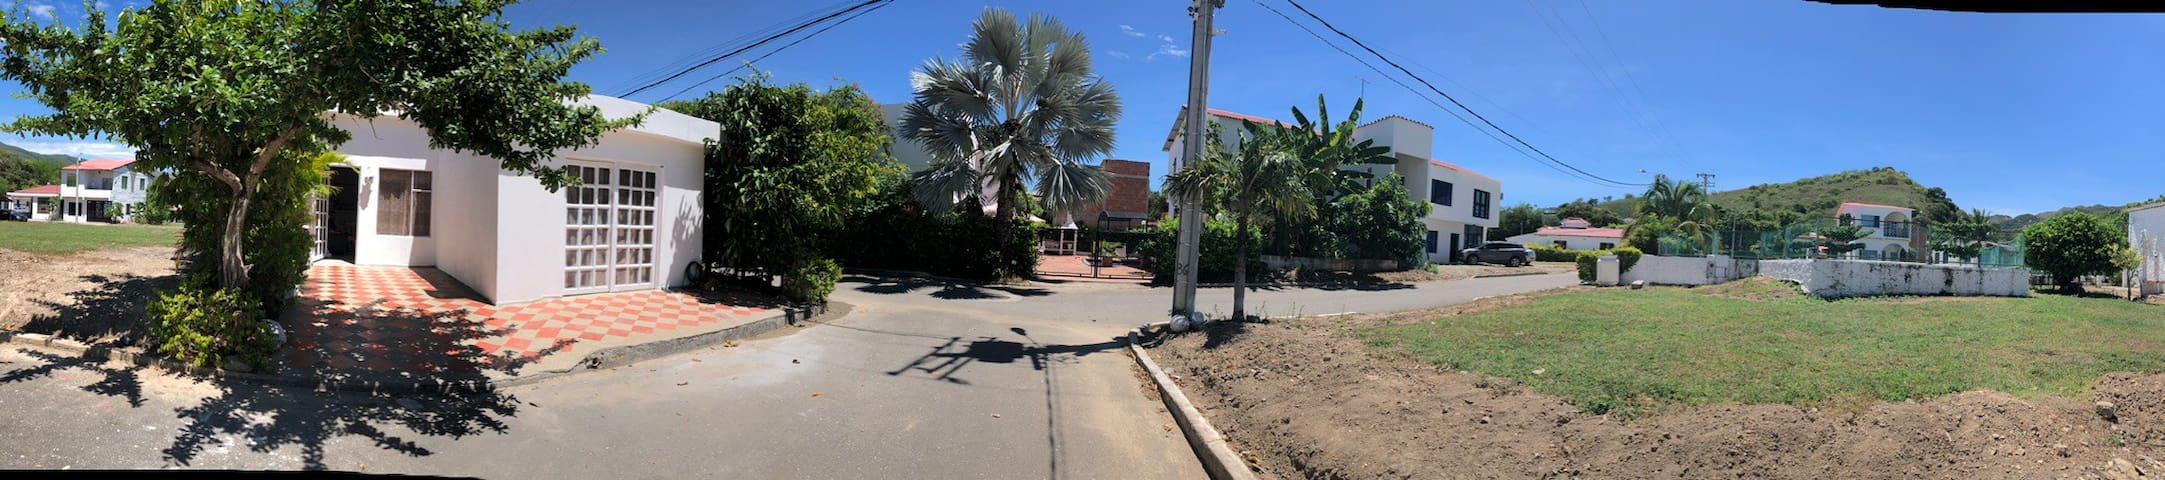 CASA DESCANSO CERCA GIRADOT NARIÑO/CUNDINAMARCA